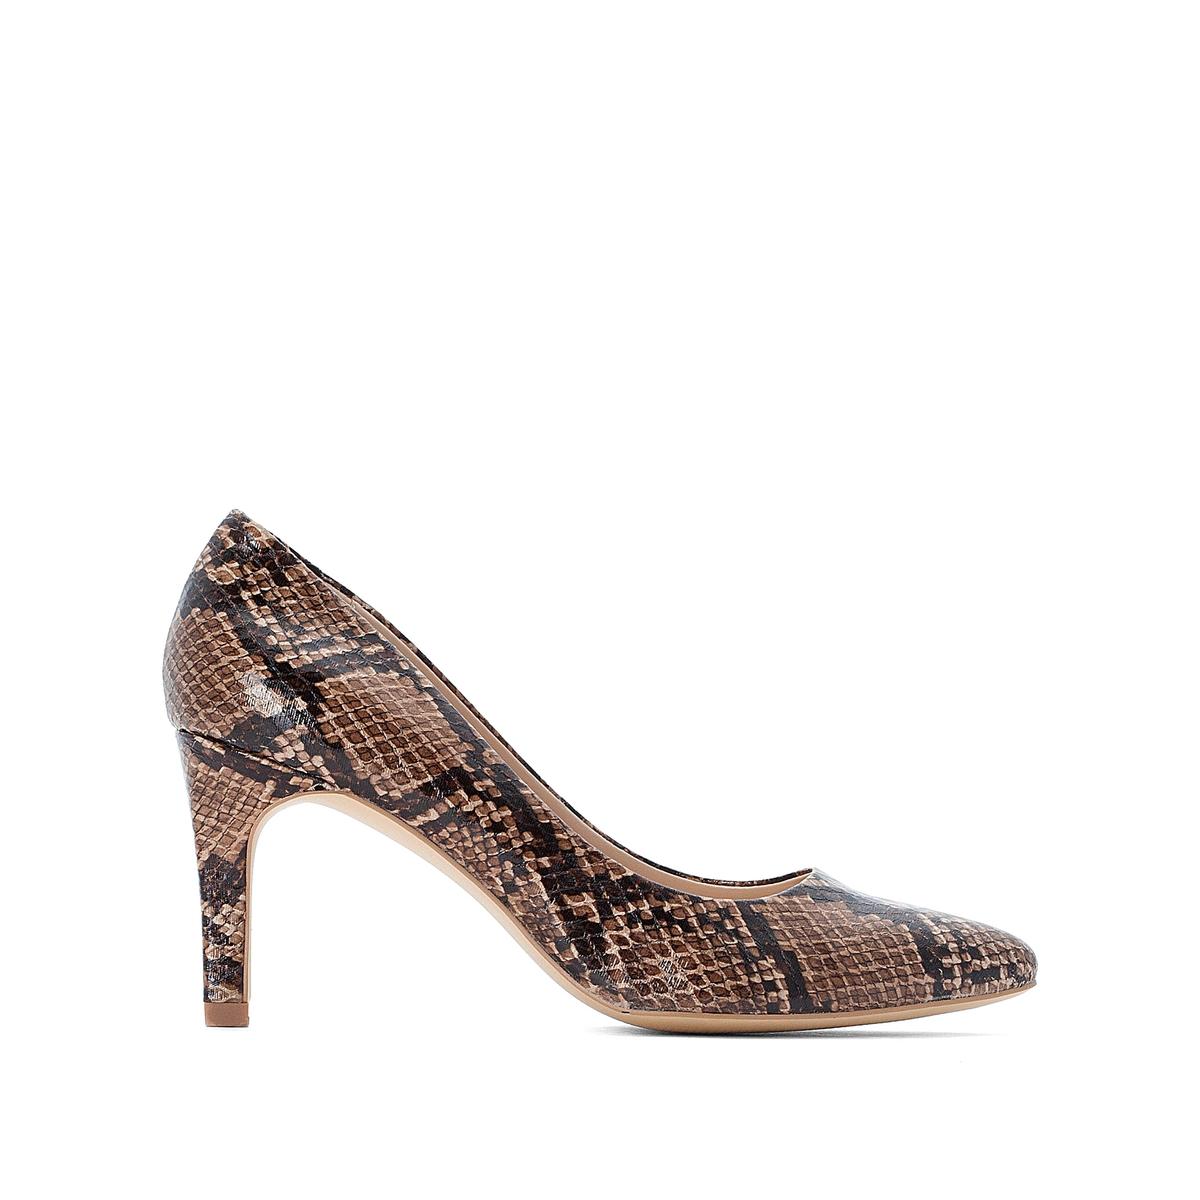 Туфли La Redoute На высоком каблуке с принтом питон 40 каштановый туфли la redoute на среднем каблуке с питоновым принтом 36 каштановый